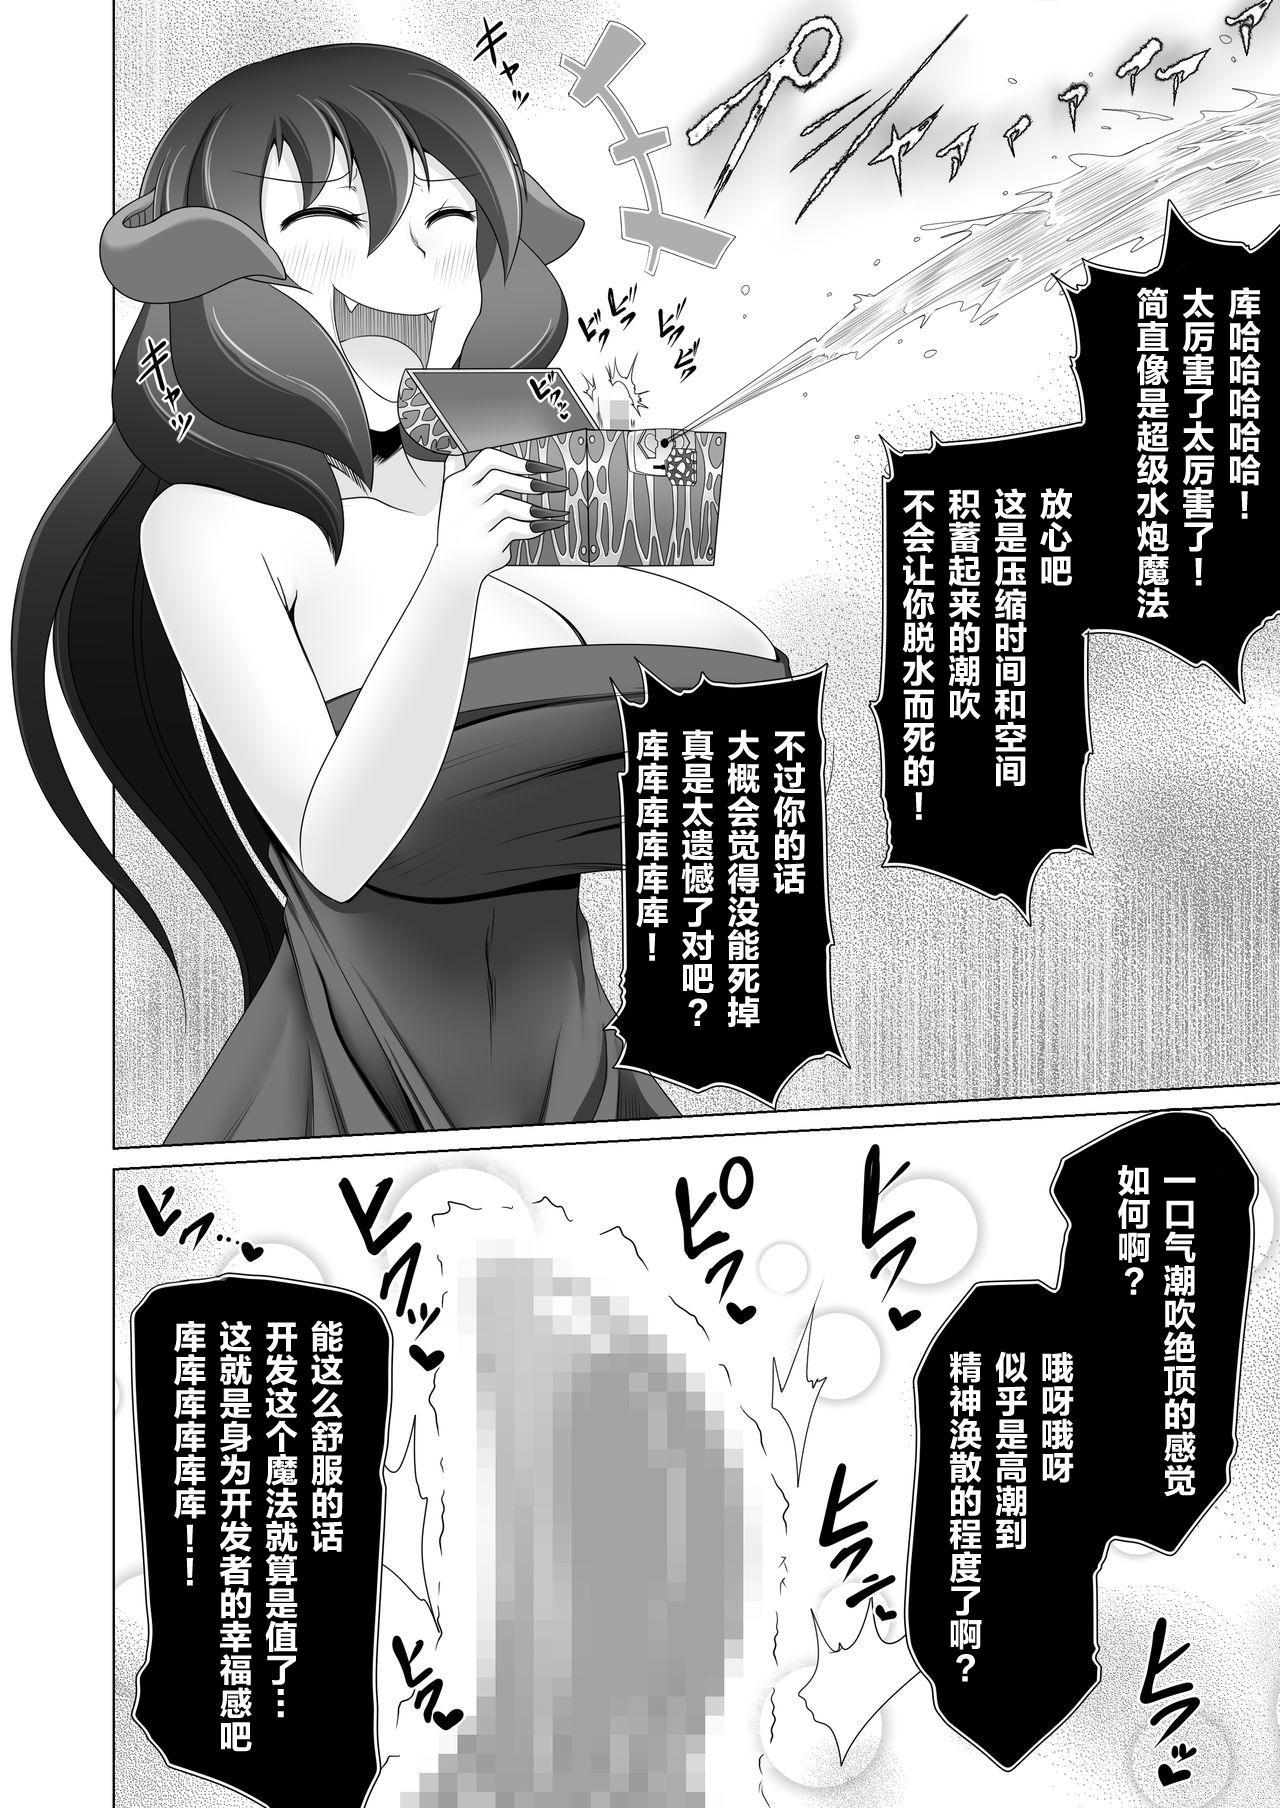 Seirei no Kago no Chikara de nan do mo Fukkatsu shite kita Yūsha wa Maō ni yotte KuriBOX ni sarete shimaimashita 22